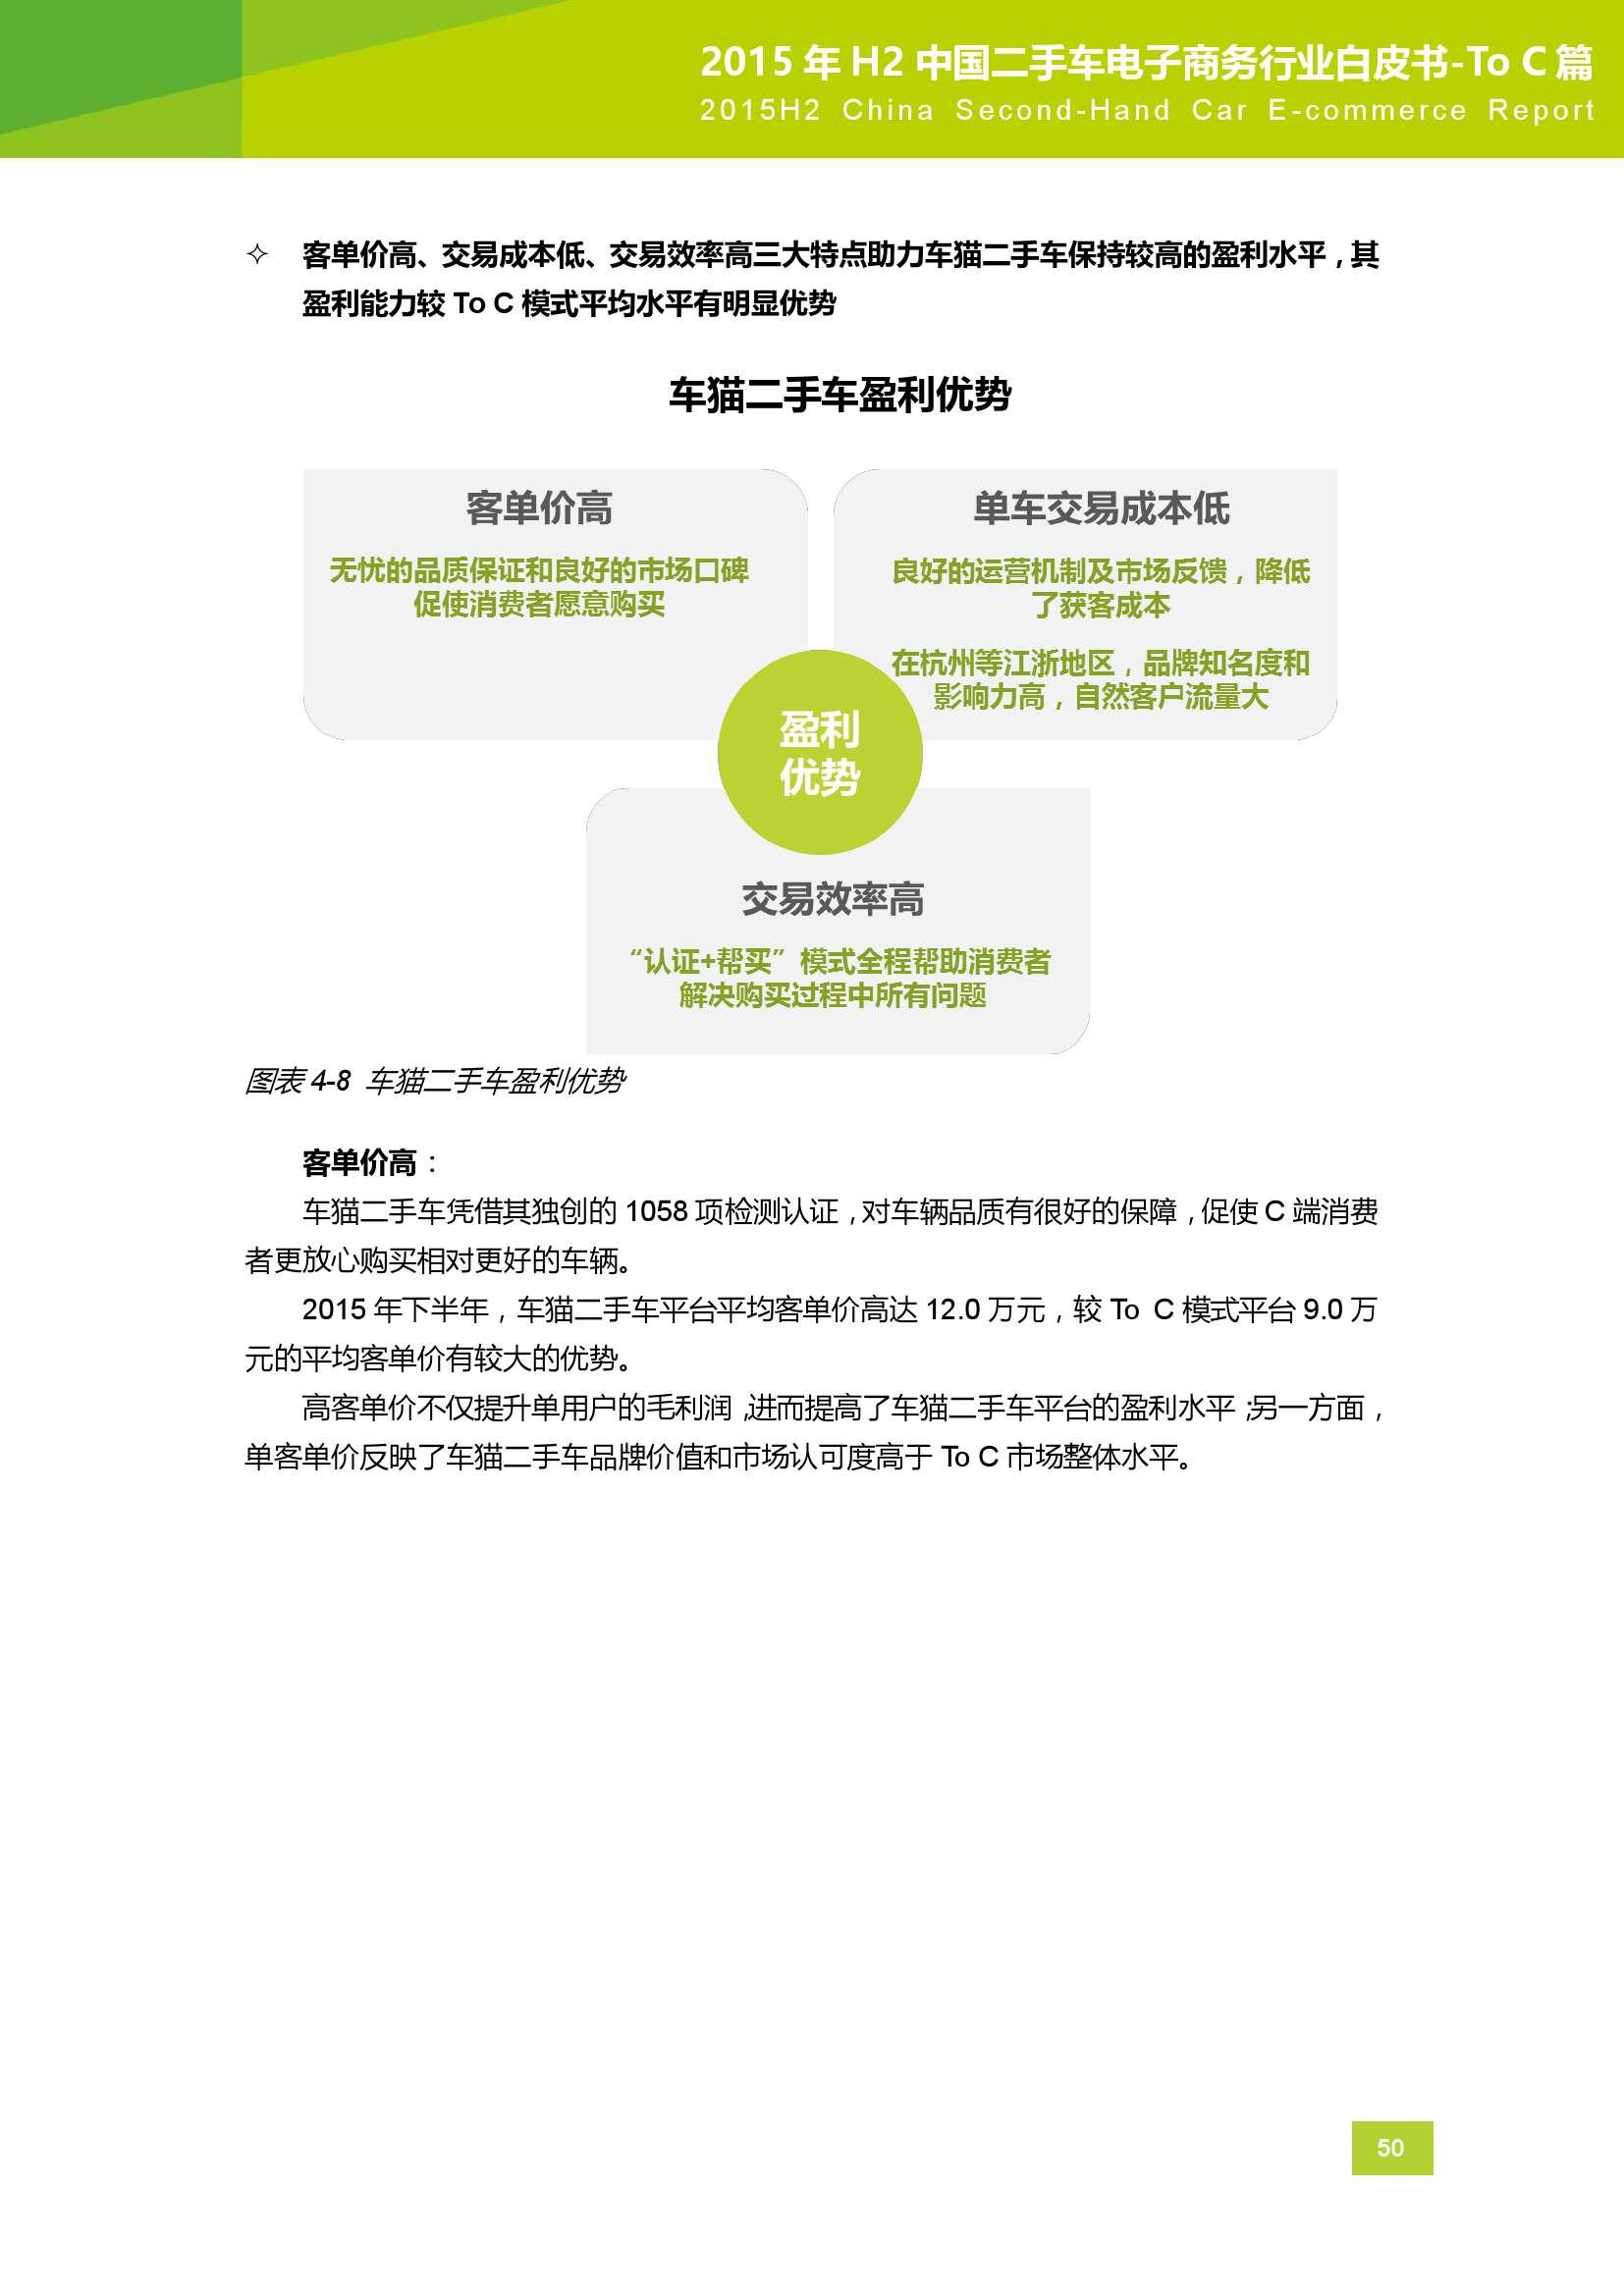 2015年H2中国二手车电子商务行业白皮书_000050